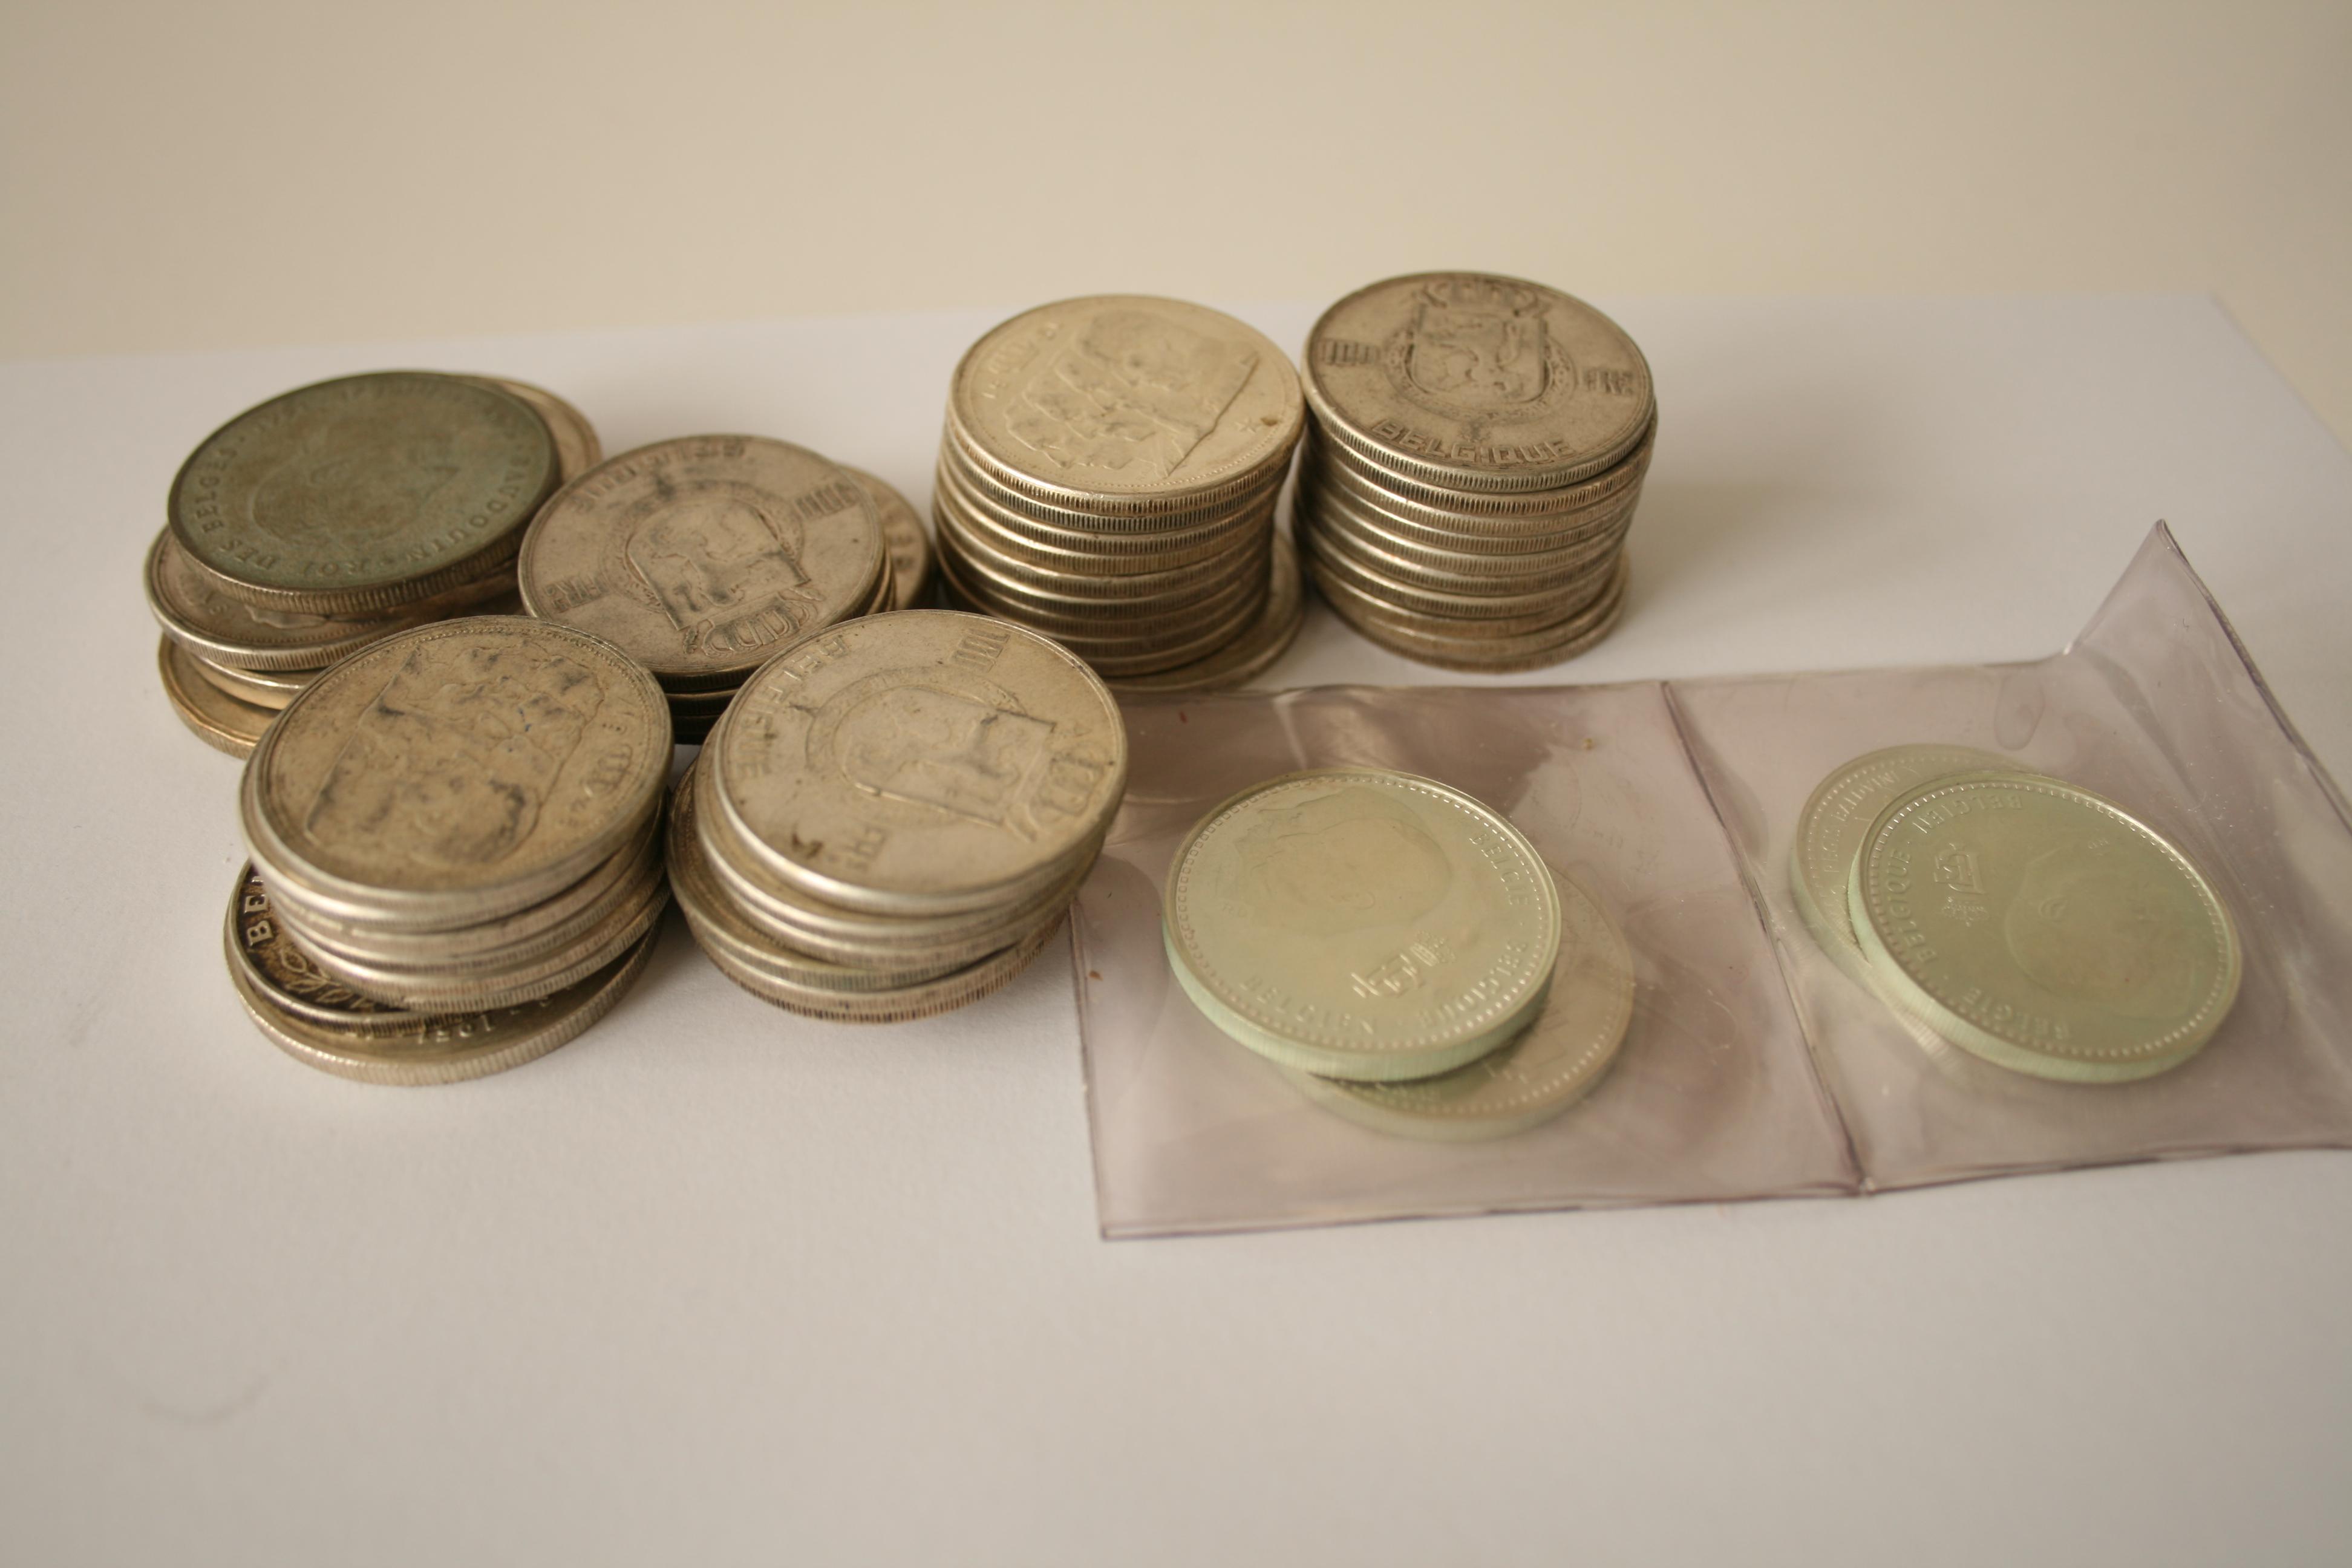 Lot 4 - Ensemble de Monnaies belges en argent, pièces ou pièces commémoratives - Poids [...]